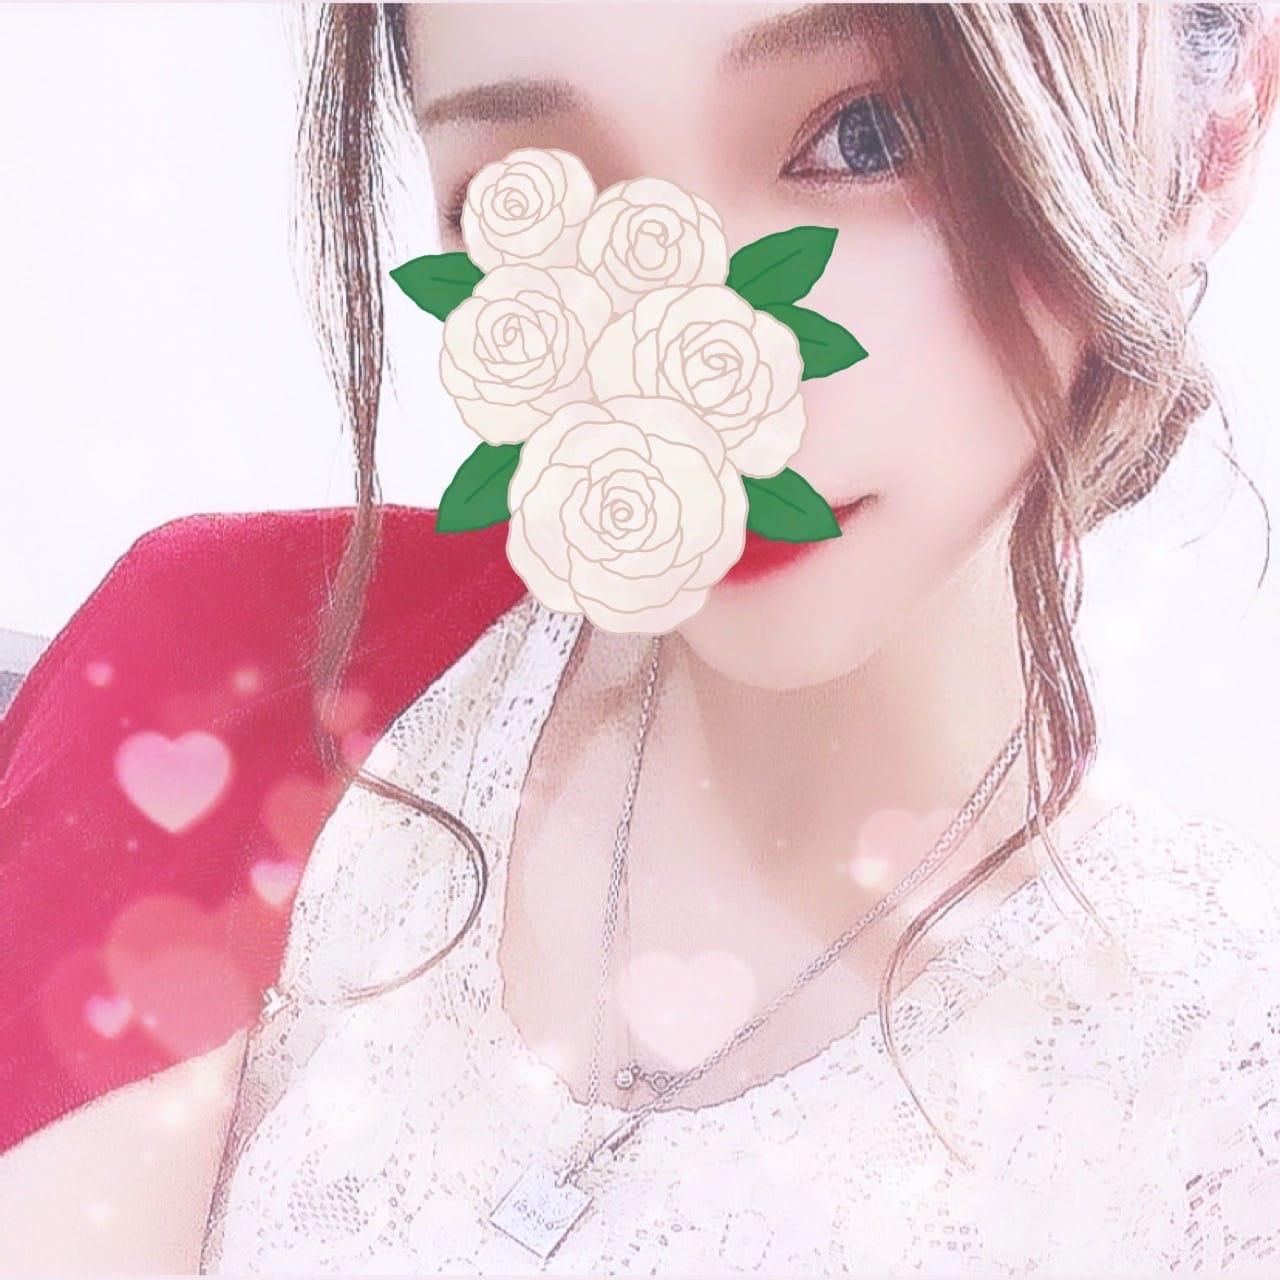 「こんにちは❁⃘*.゚」06/11(金) 14:05   せりか【新人割対象】の写メ日記